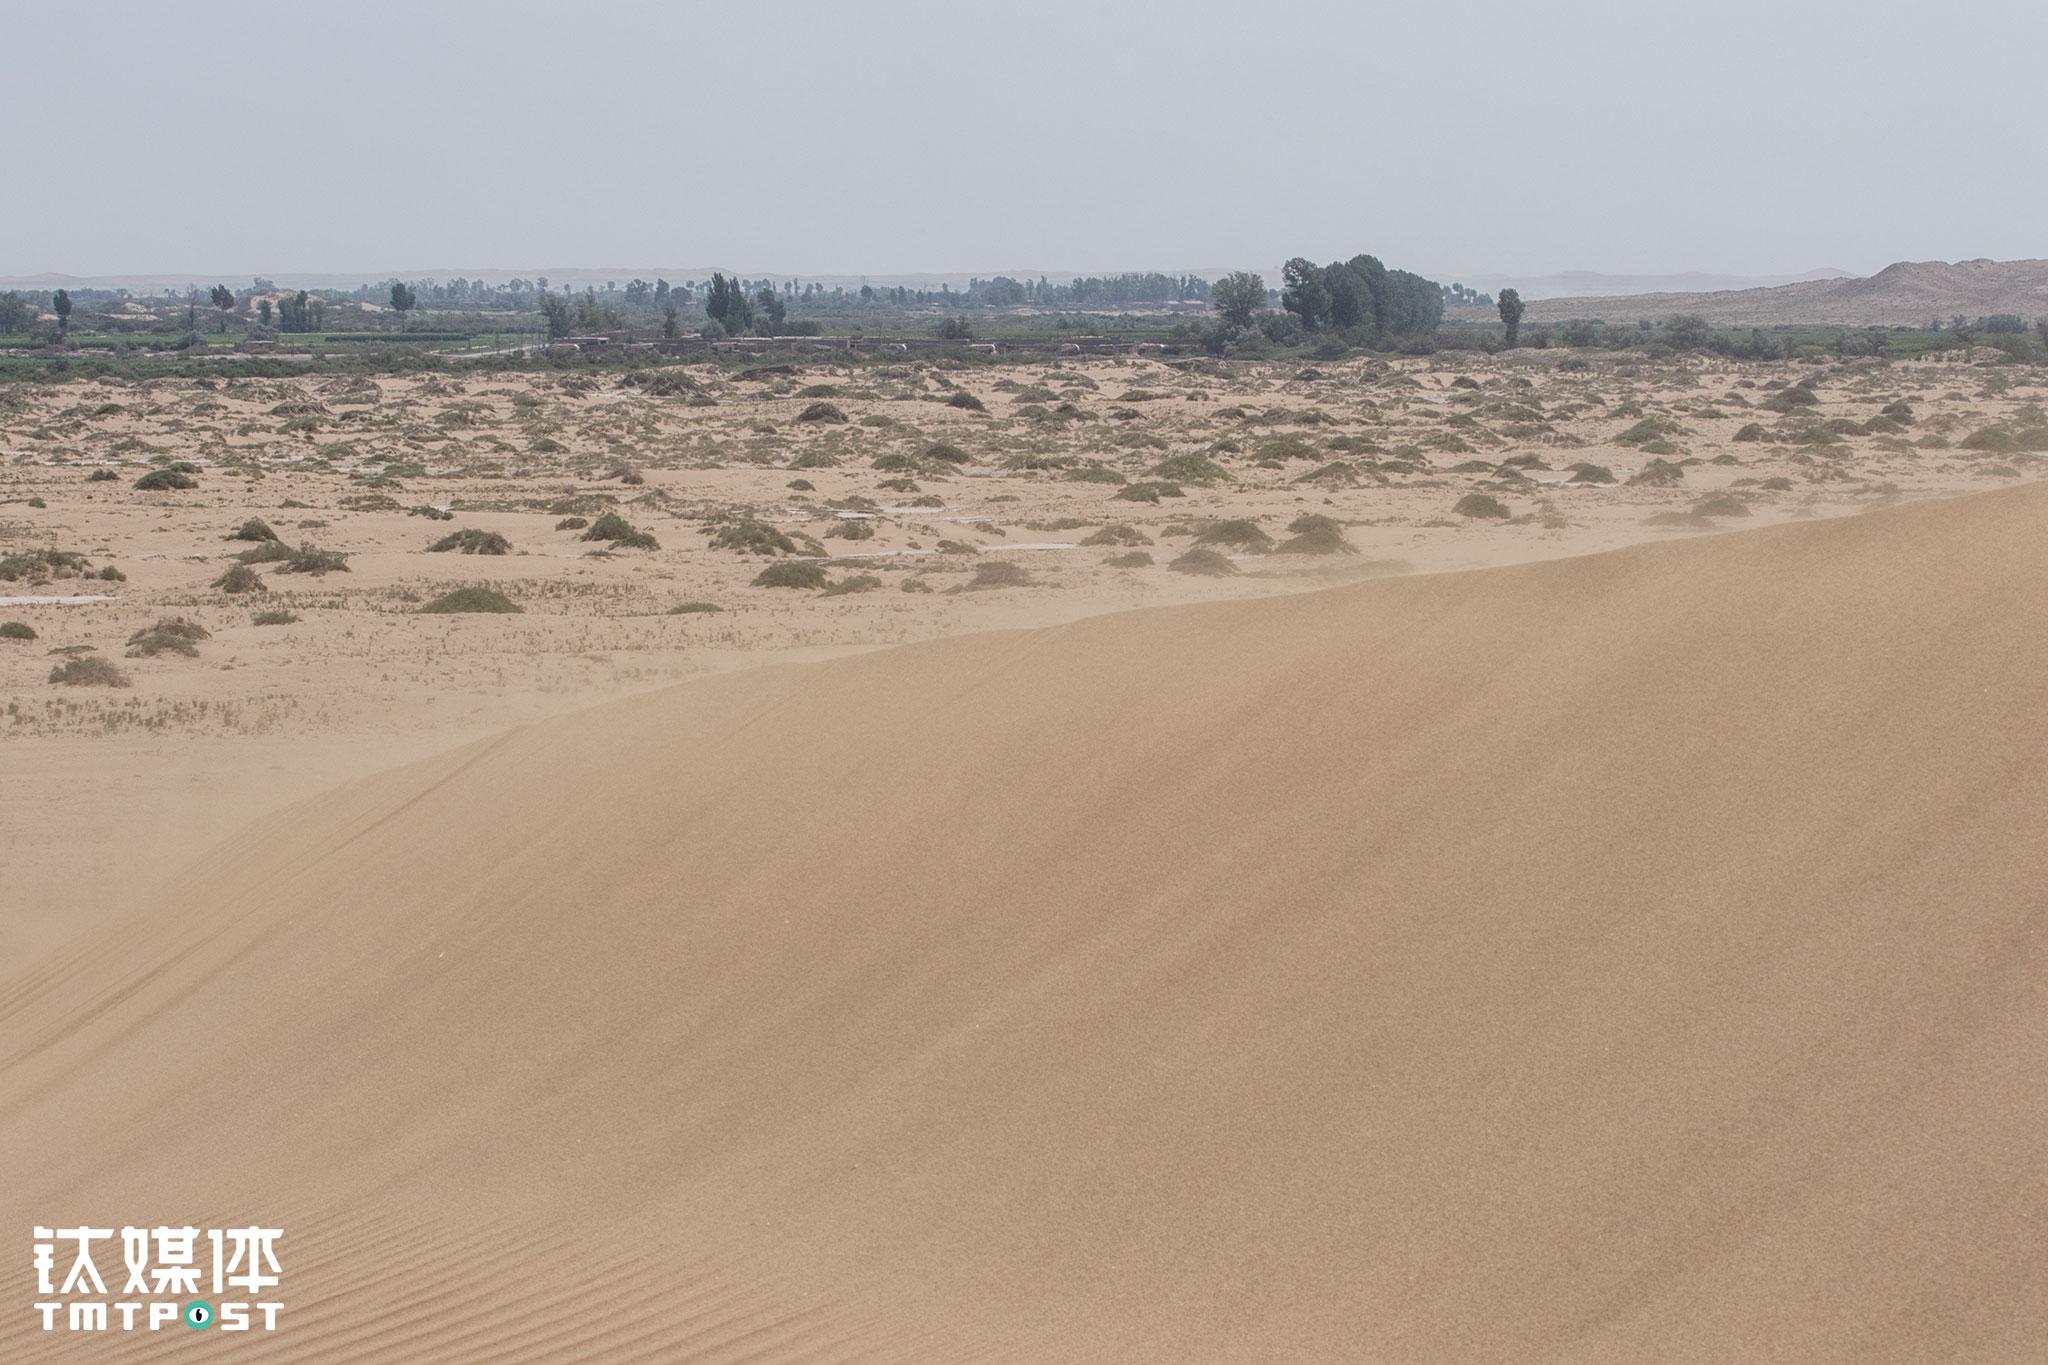 甘肃民勤县礼智村位于腾格里沙漠边缘,这个干旱缺水的西北村庄,有大约一千人口,村里青壮年大都外出打工或举家搬离,留下的大都是50岁以上的人,他们守着这片土地,春种夏收维持生活,支持着在城市求学、置业的年轻人。